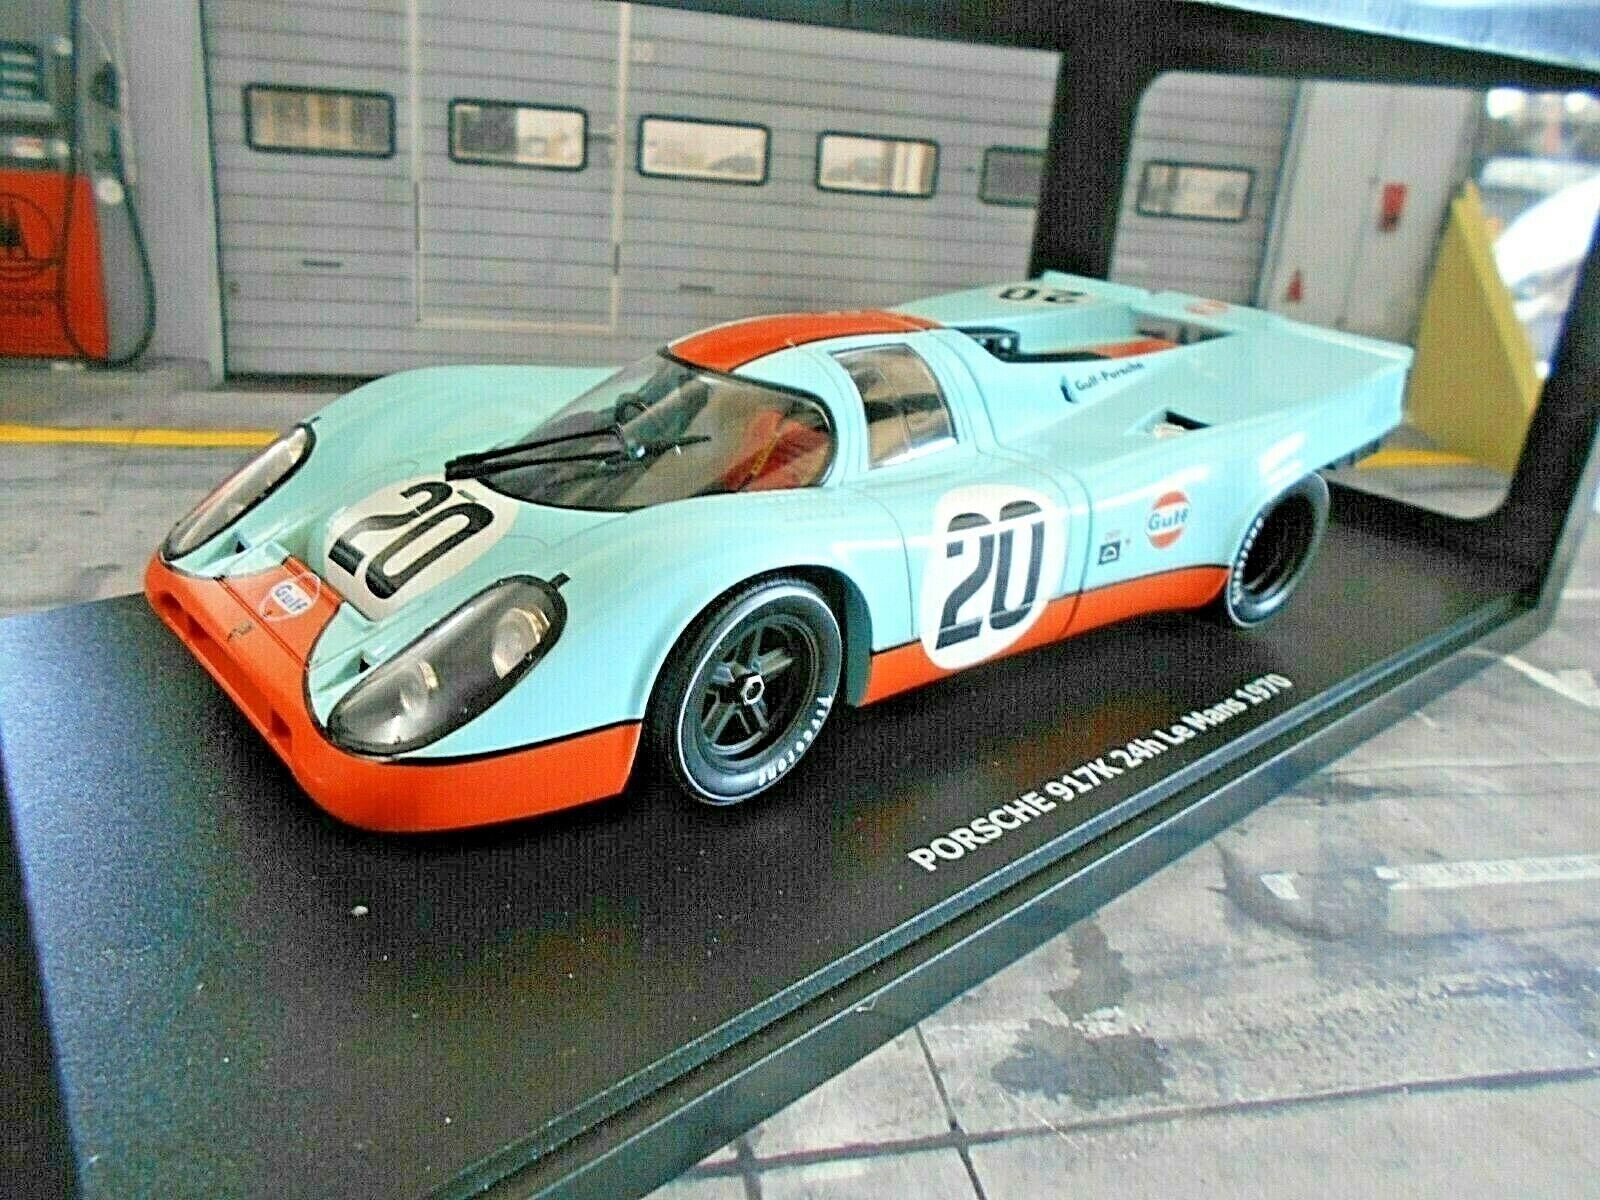 Porsche 917 K 1970 24h le mans Gulf Wyer Siffert rossoman CMR 1 18